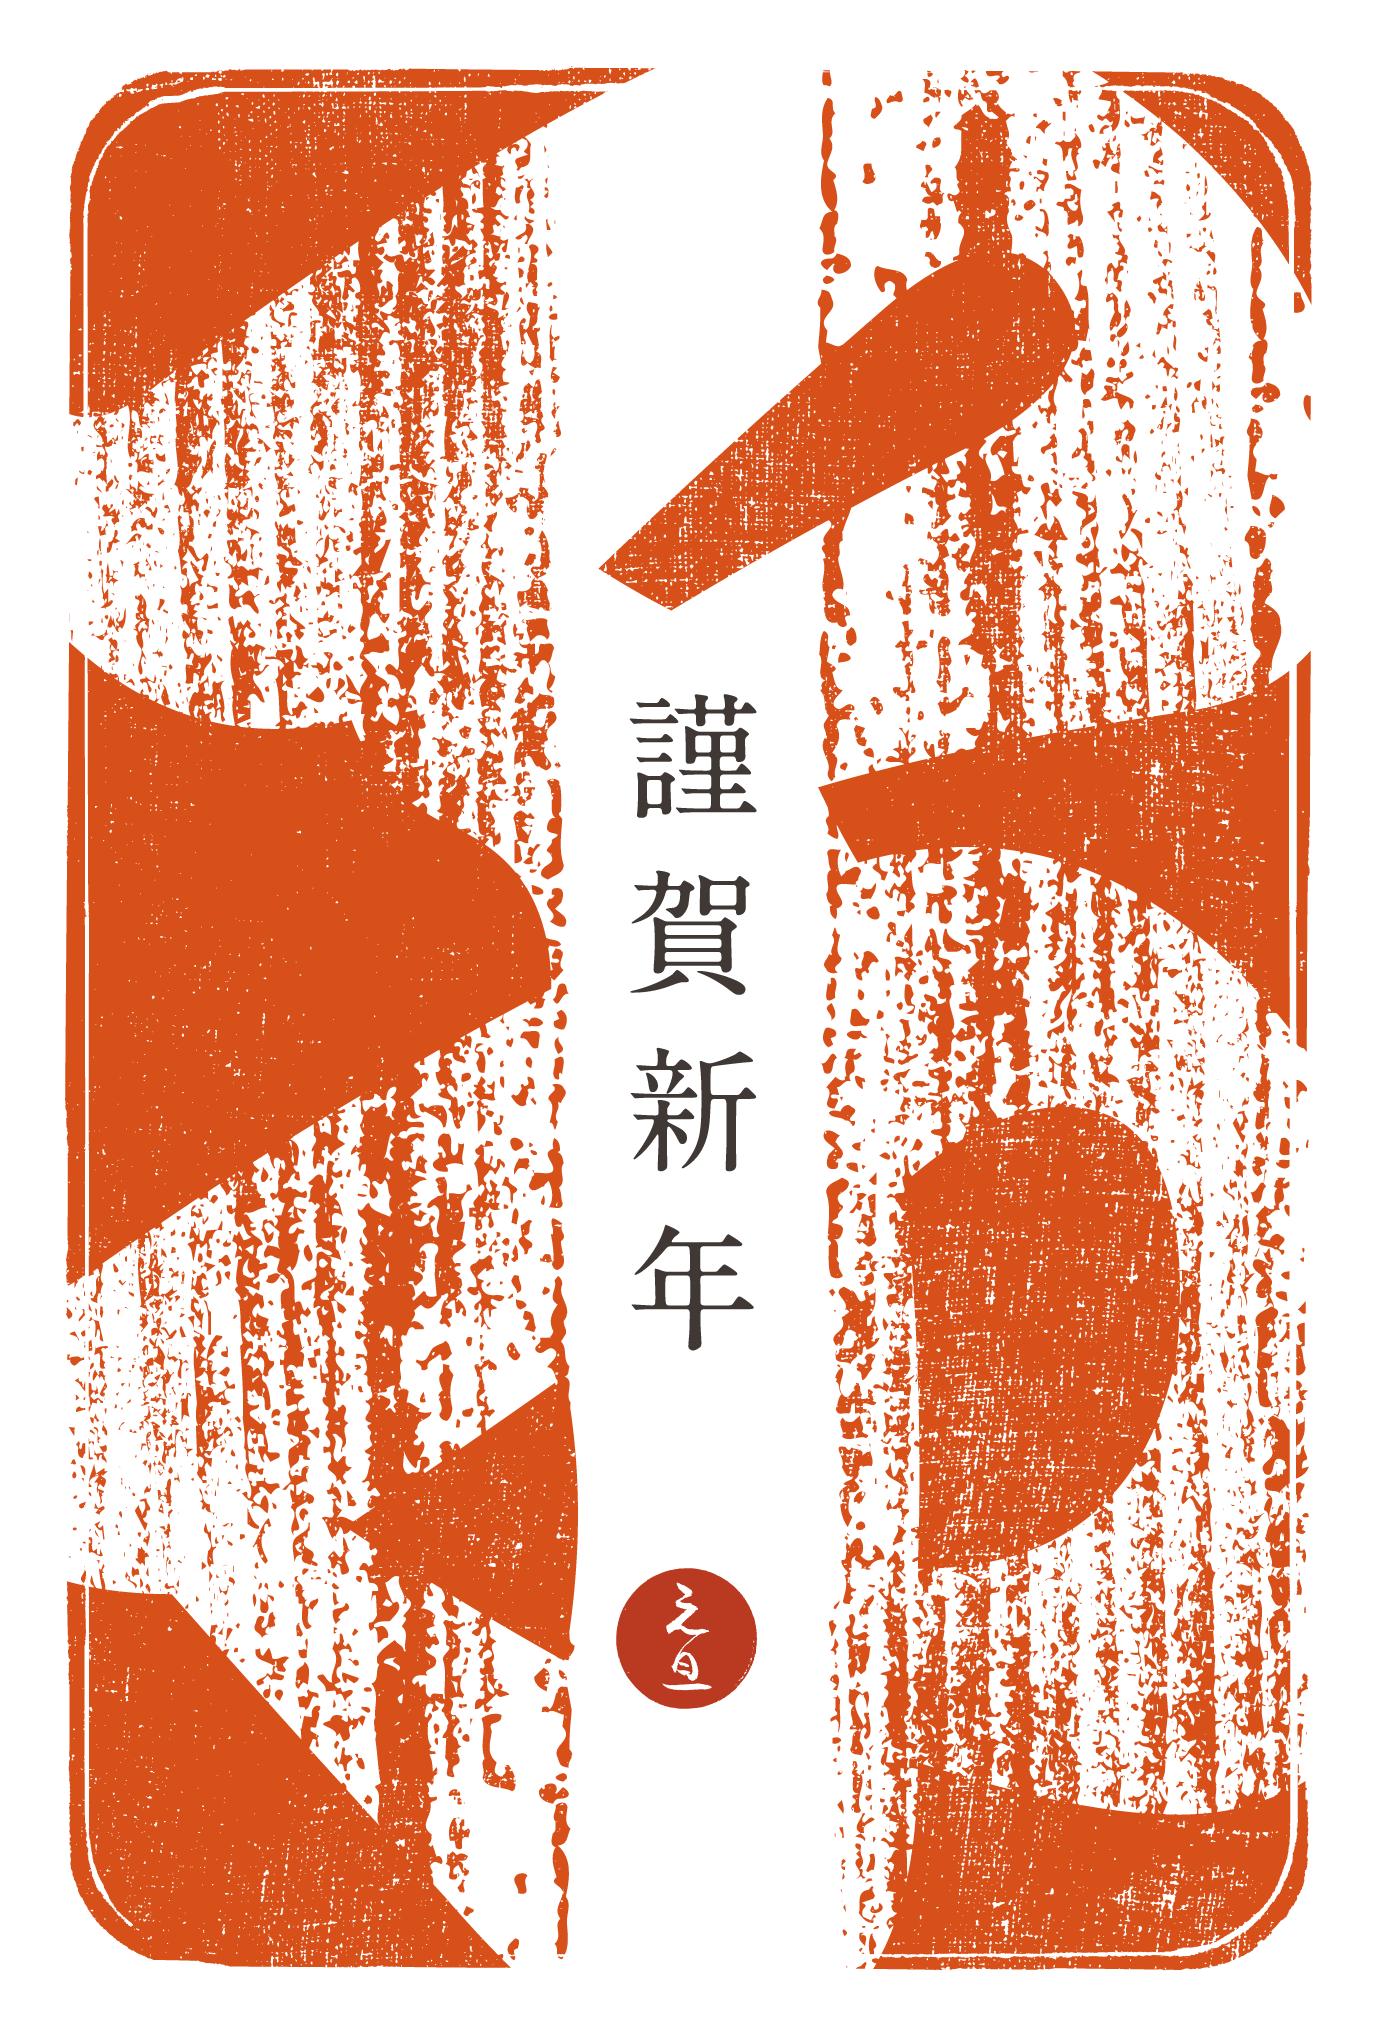 2020年賀状04-3:江戸勘亭流(子)緋色のダウンロード画像